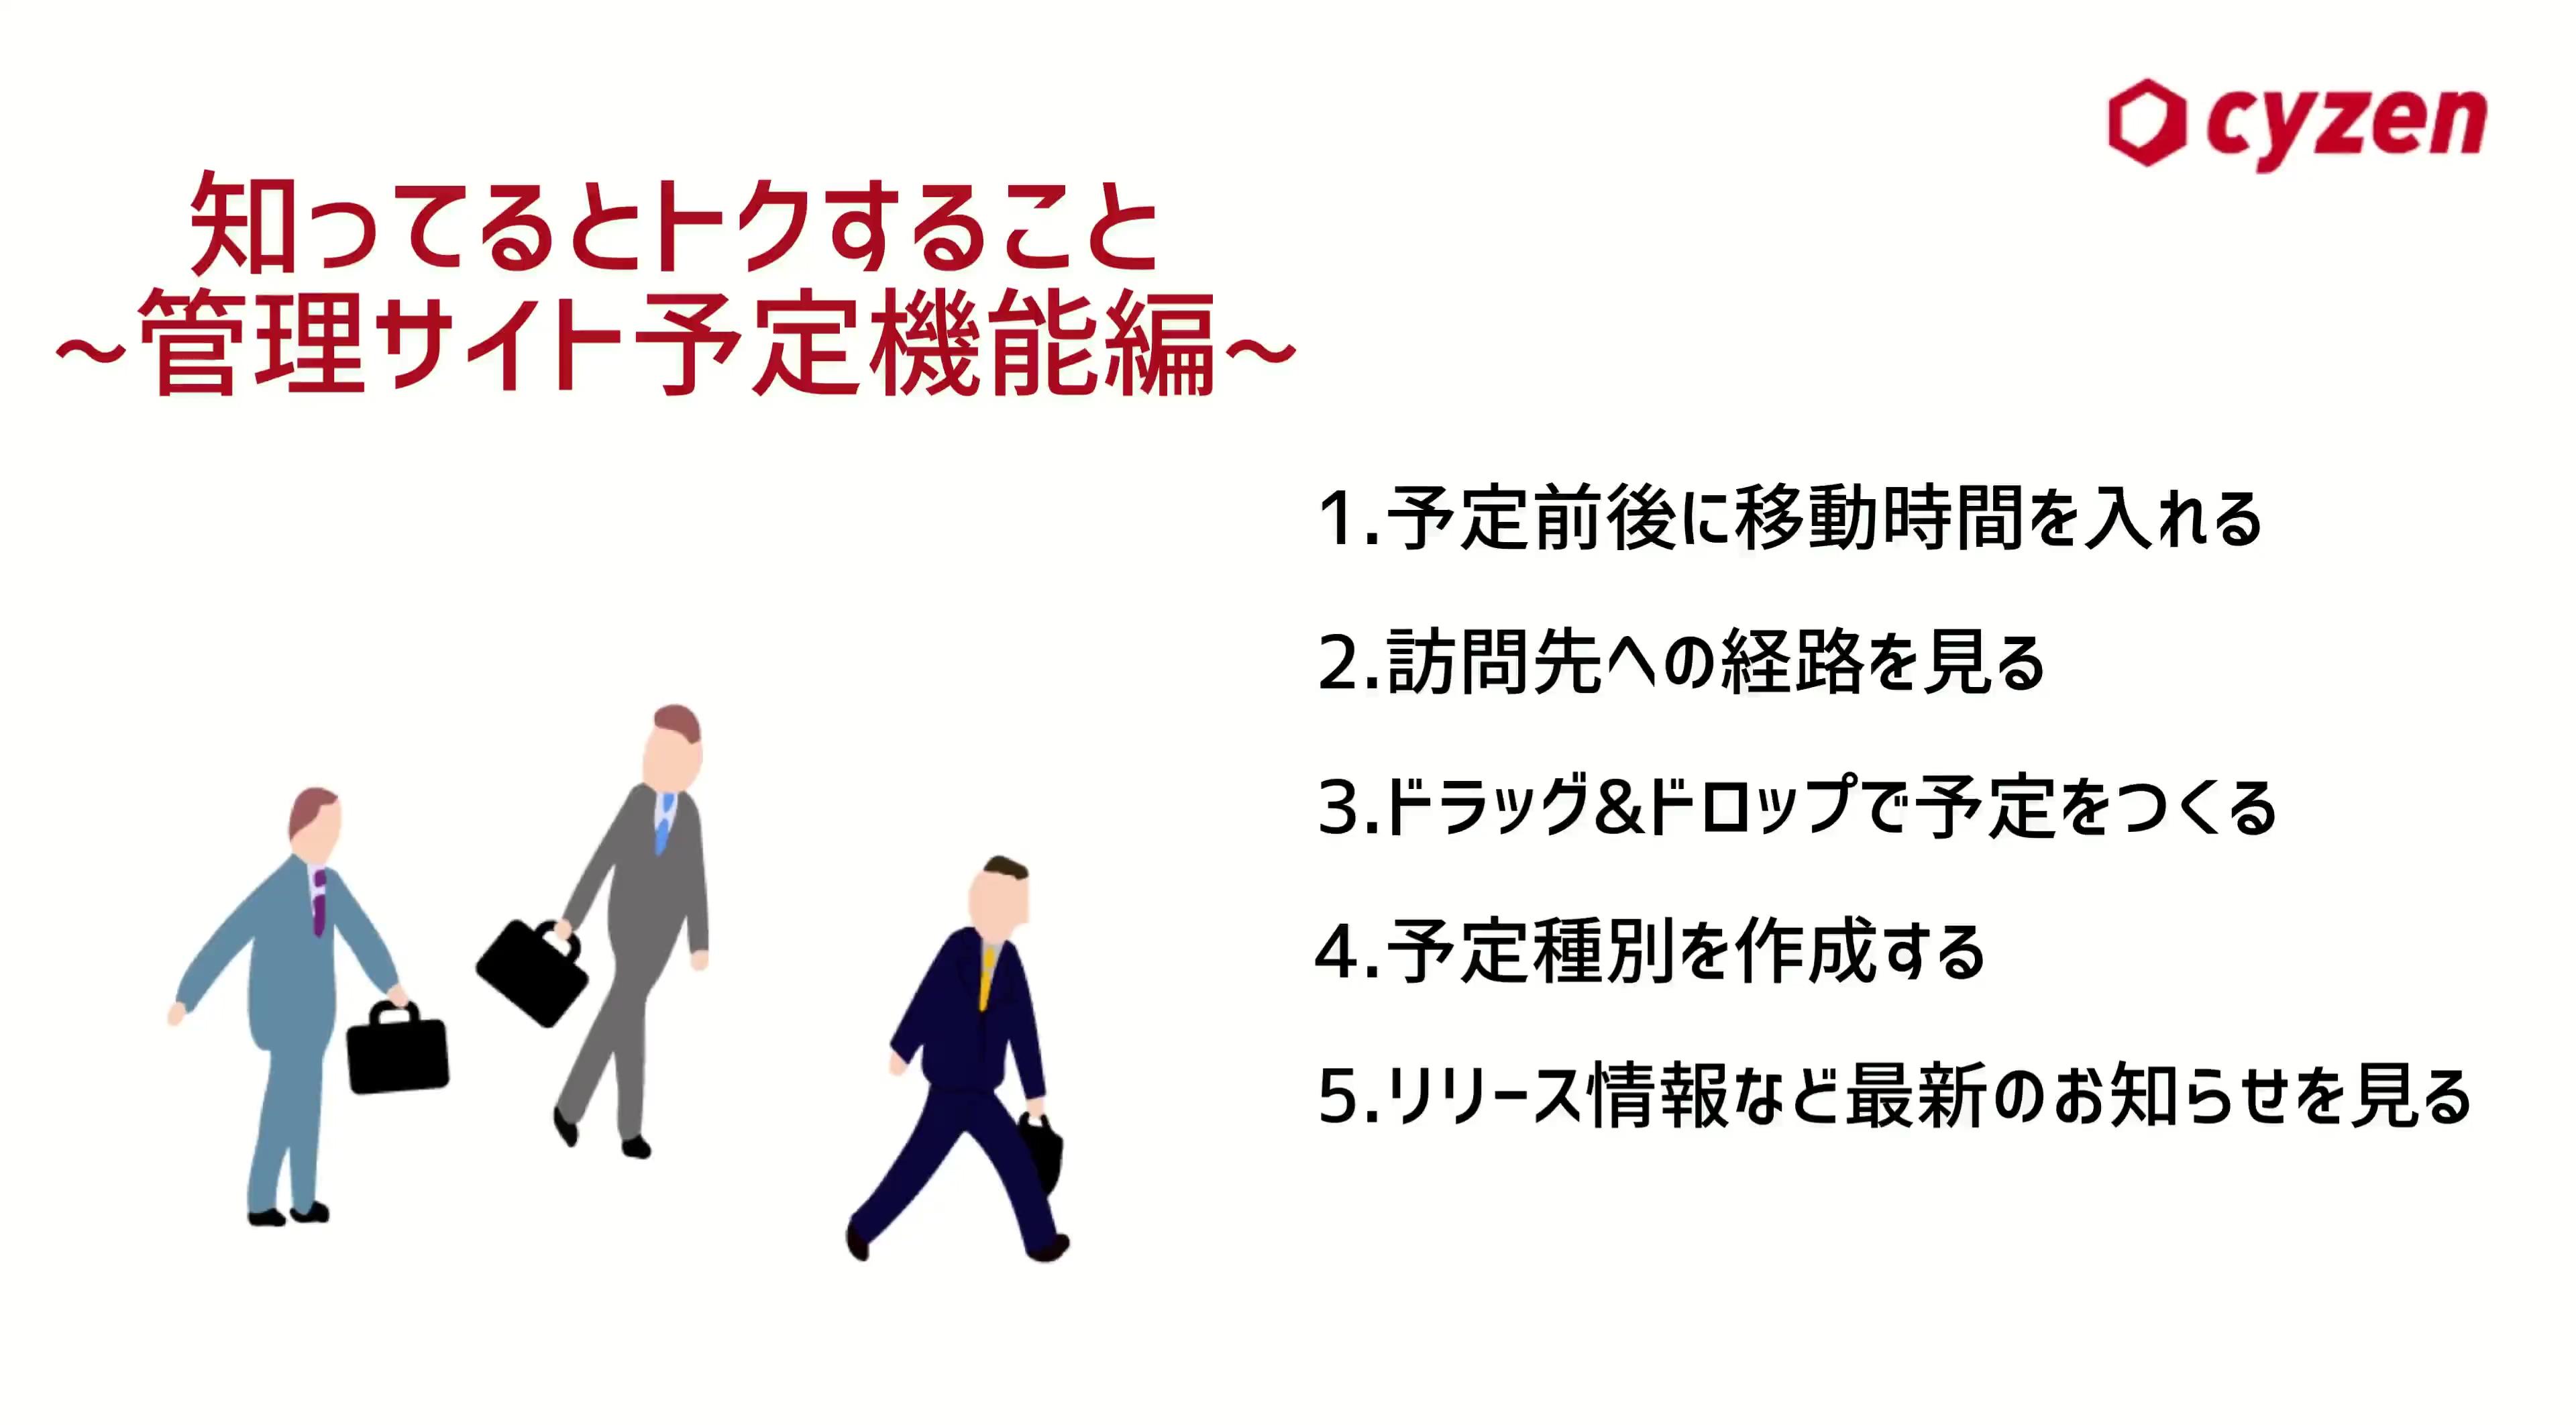 知ってるとトクすること〜管理サイト予定機能編〜